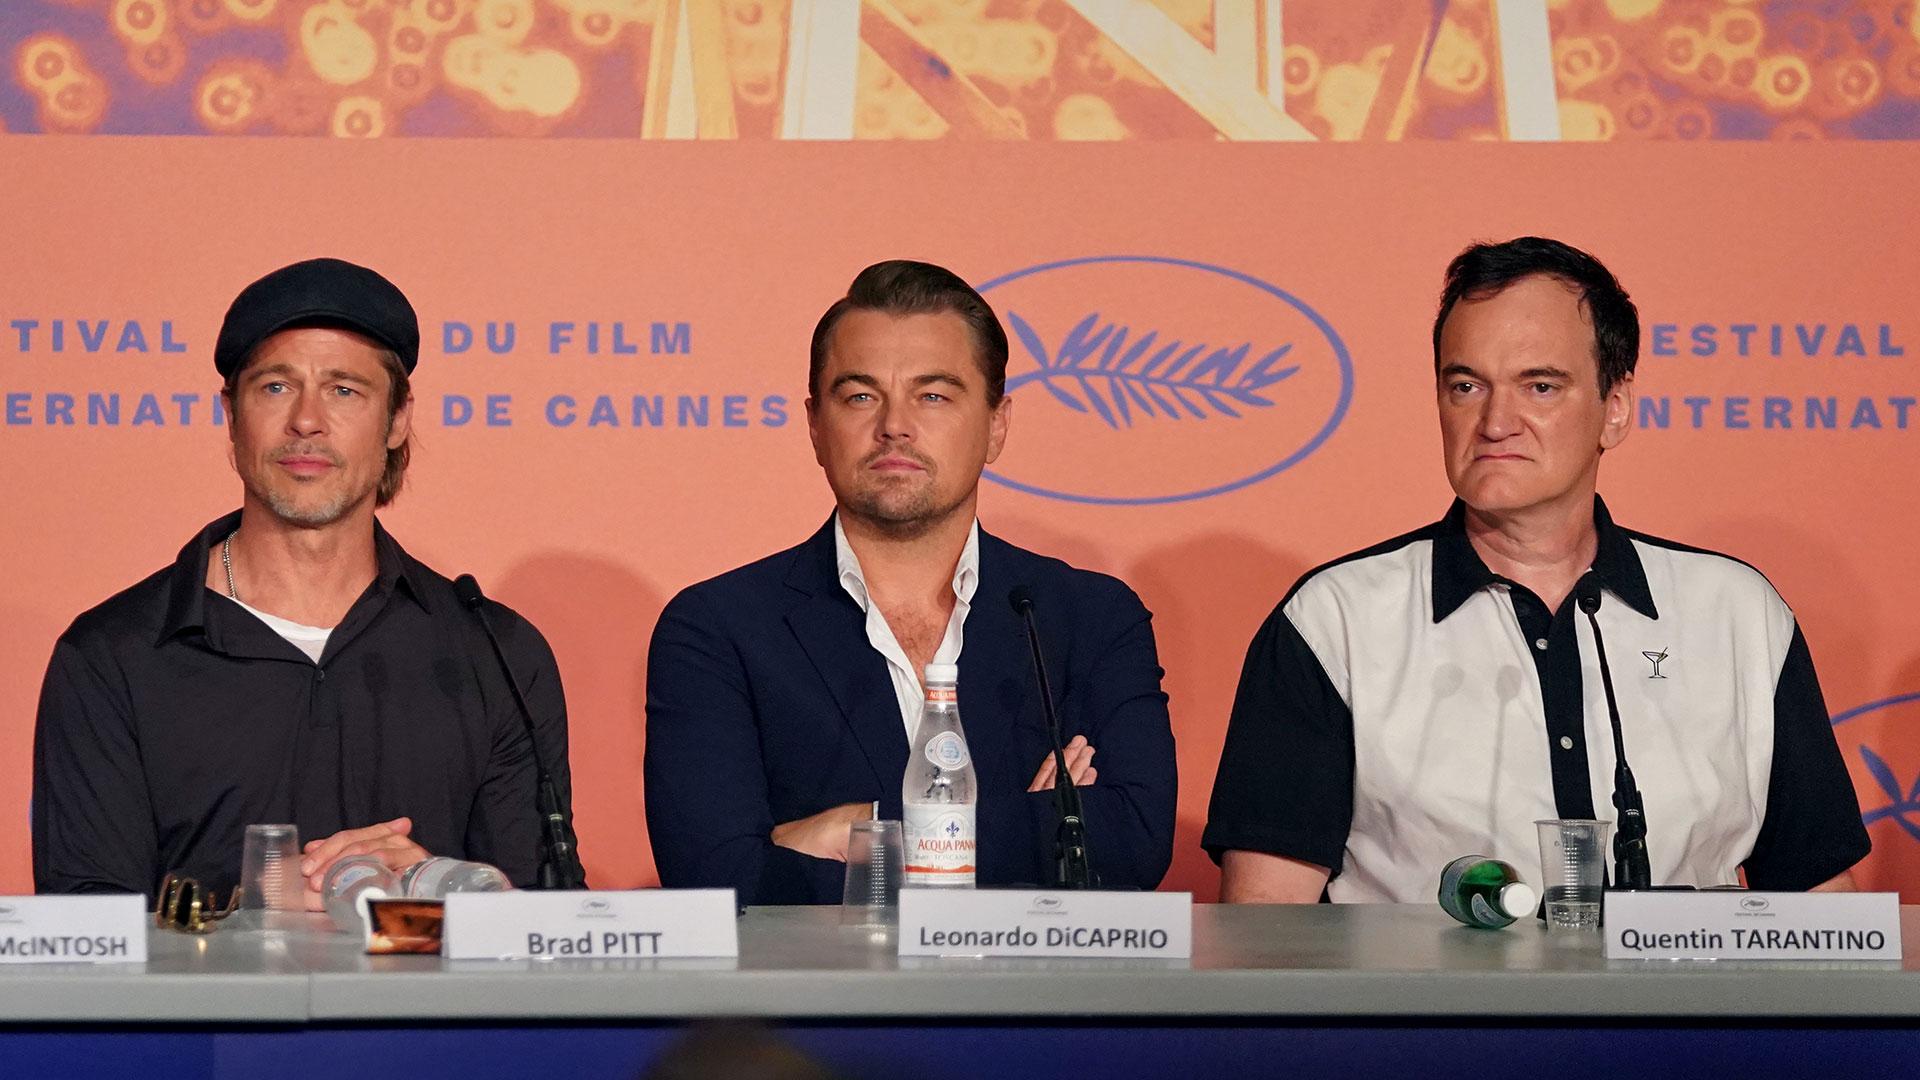 """Brad Pitt, Leonardo DiCaprio y Quentin Taratino en la presentación de """"Once Upon a Time in Hollywood""""en Cannes, película que compite por la Palma de Oro, premio que se dará a conocer el sábado (AFP)"""